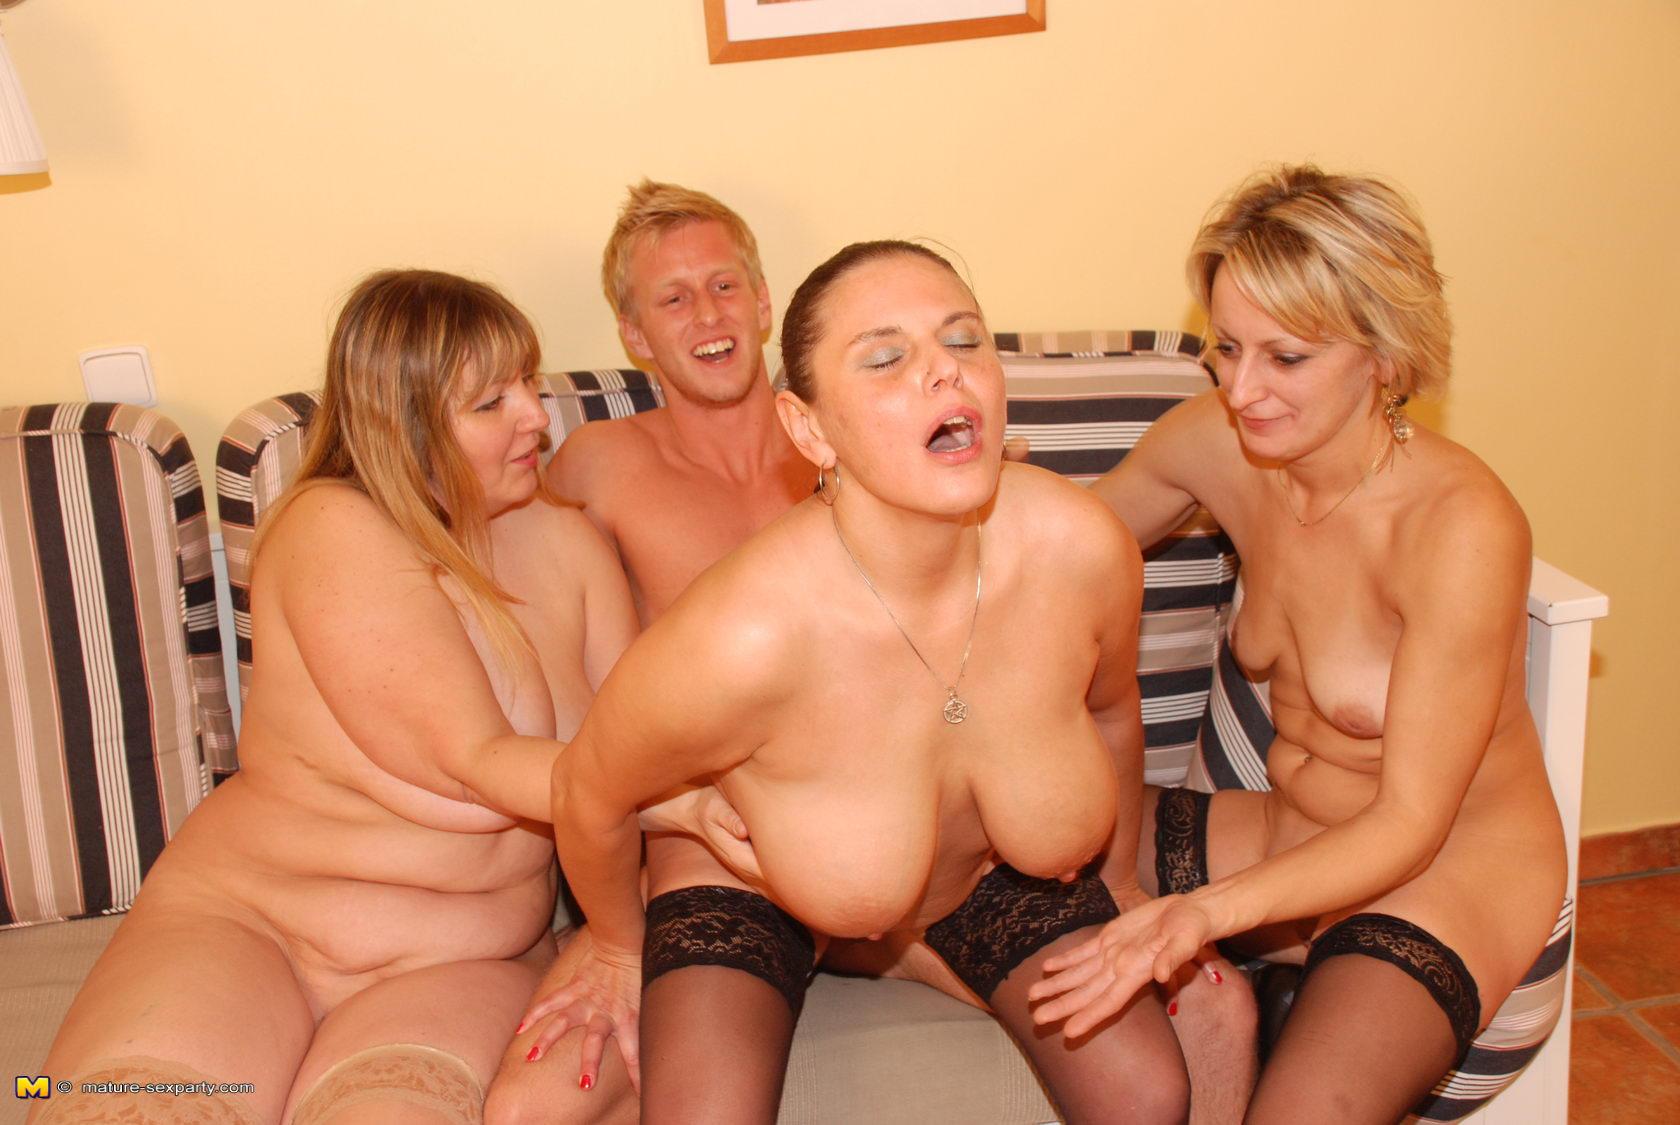 Женщины в общей бане фото бесплатно фото 615-538